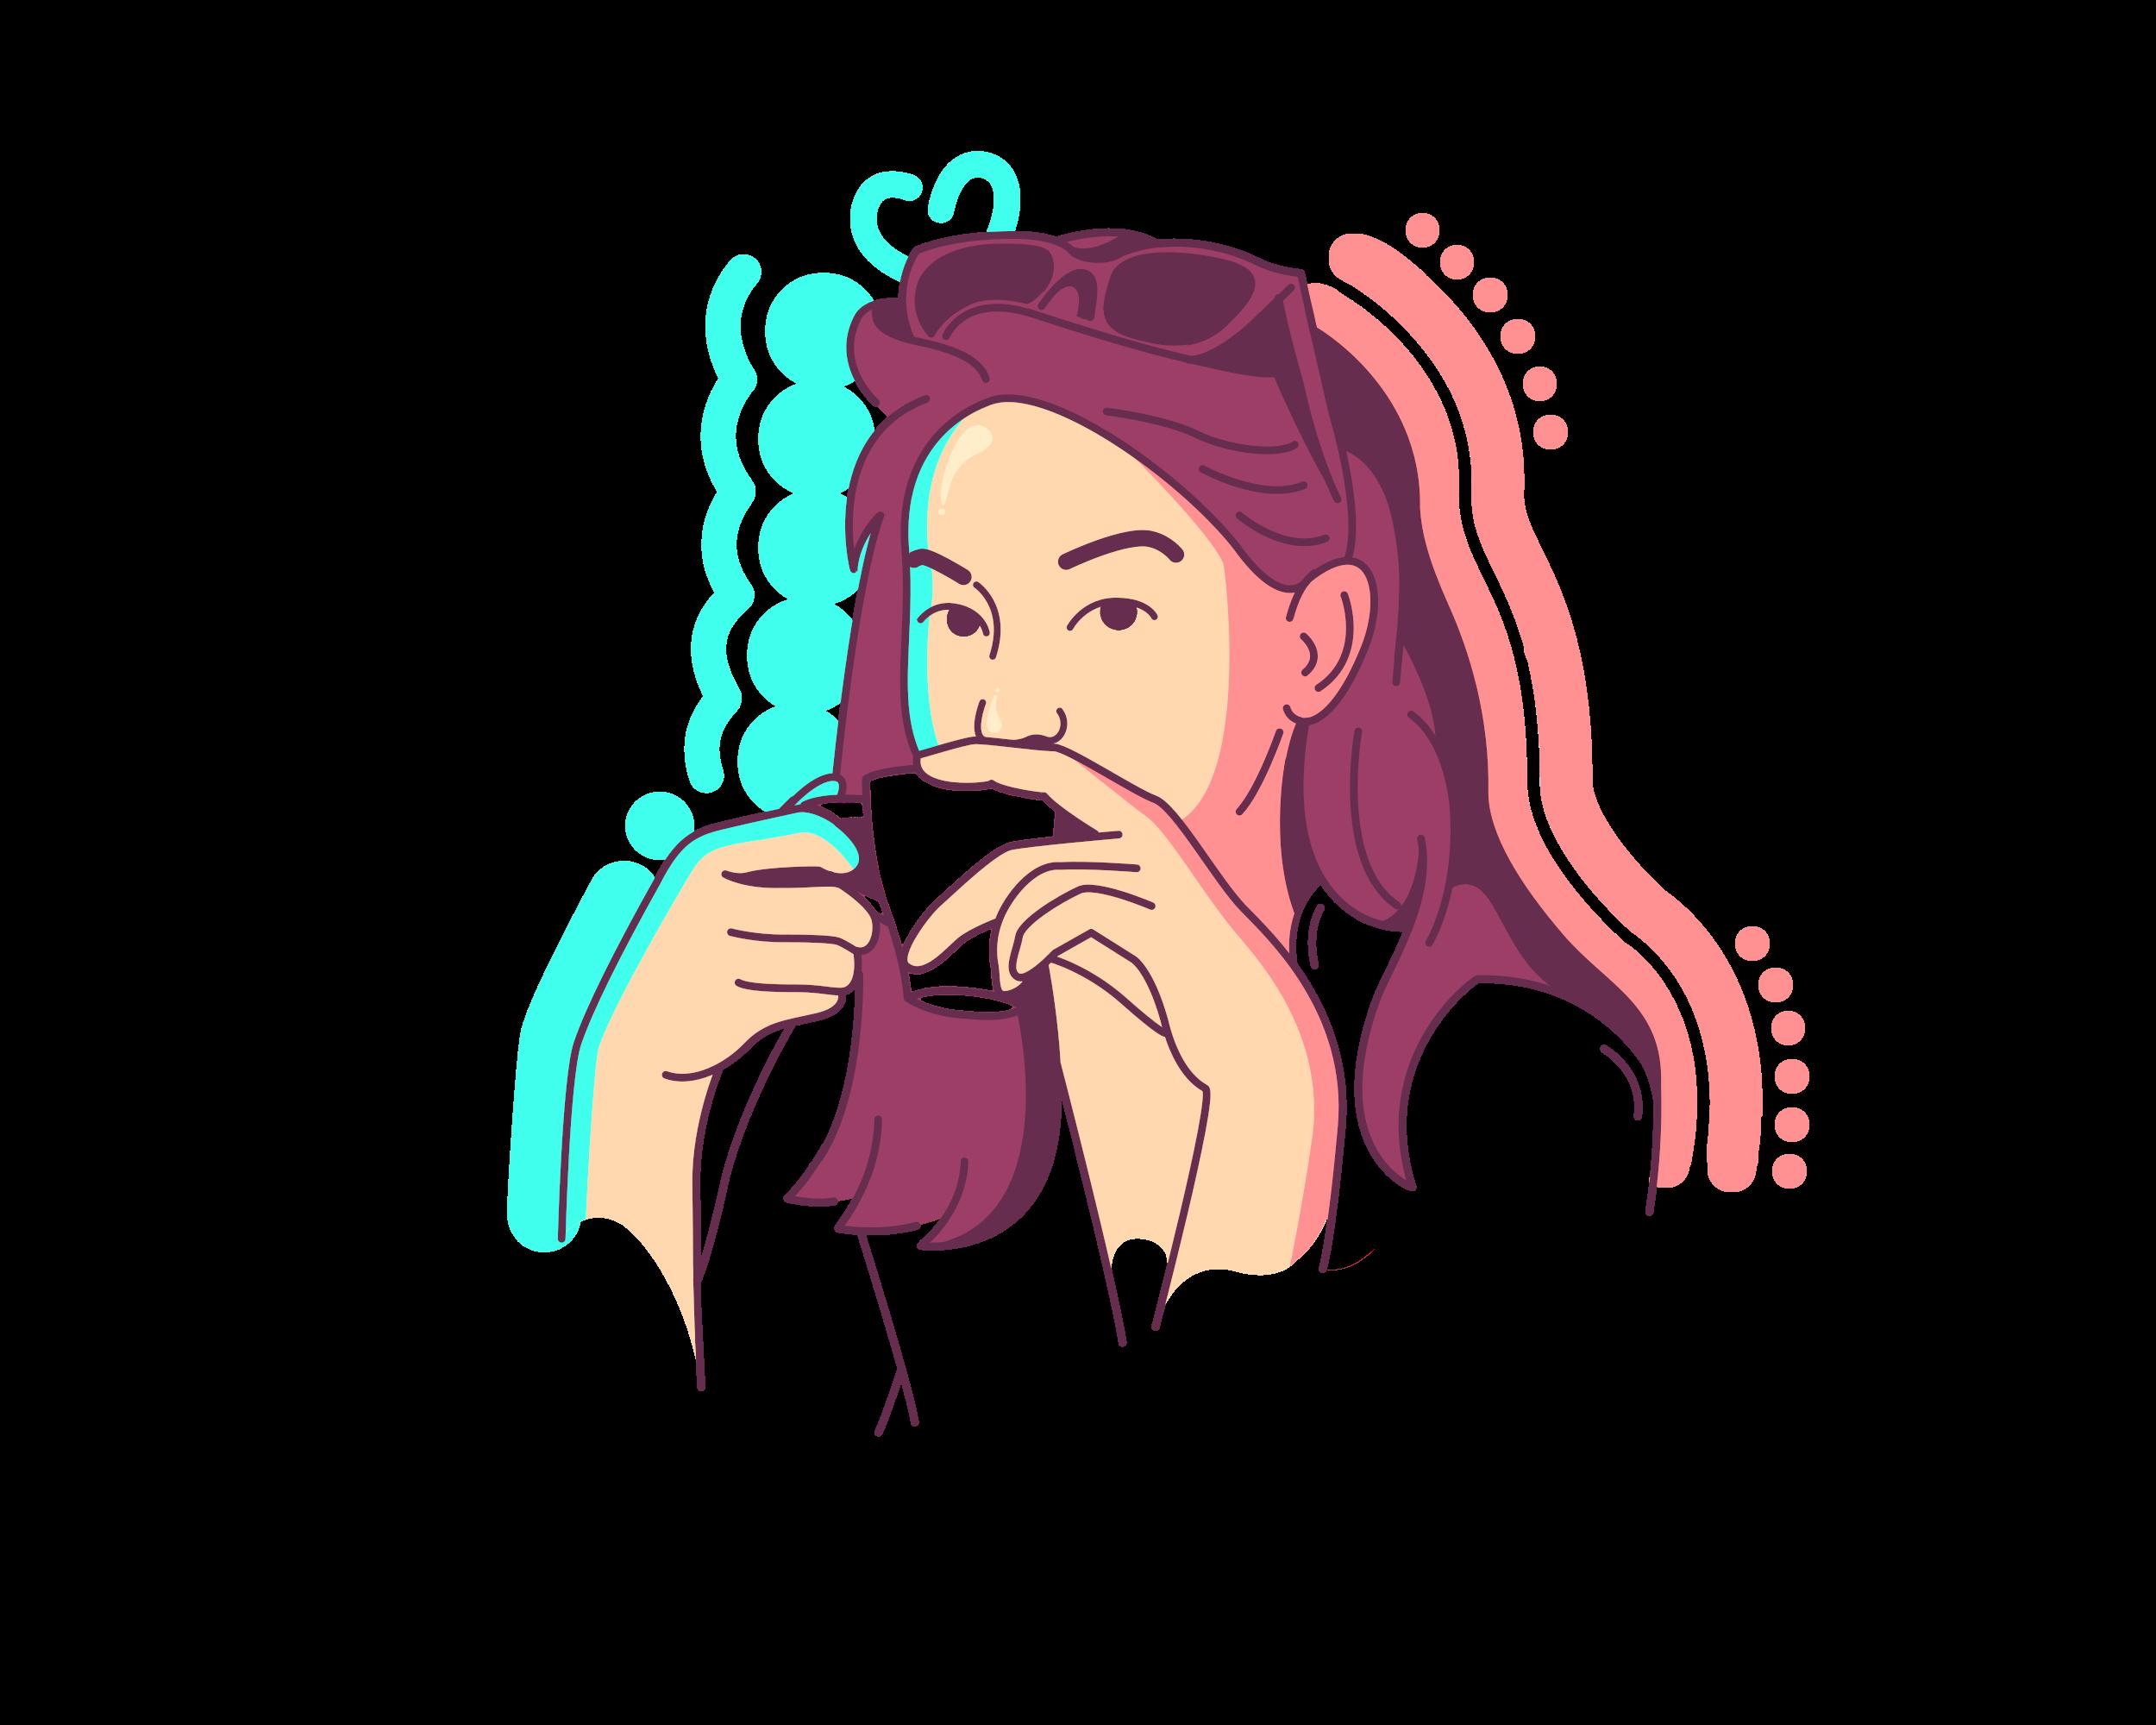 Lana R